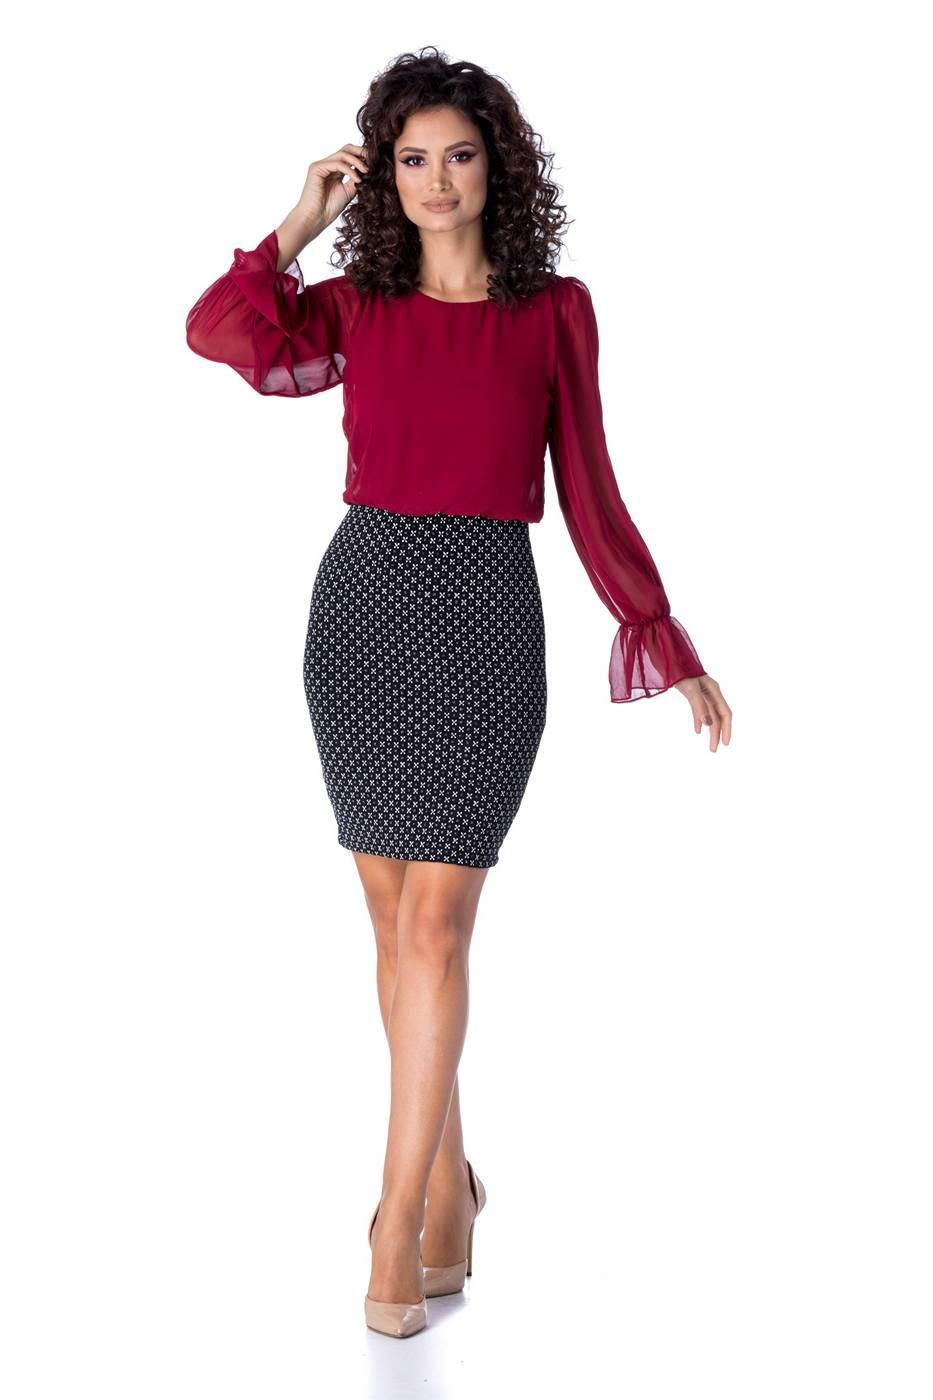 Heather Bicolore Dress